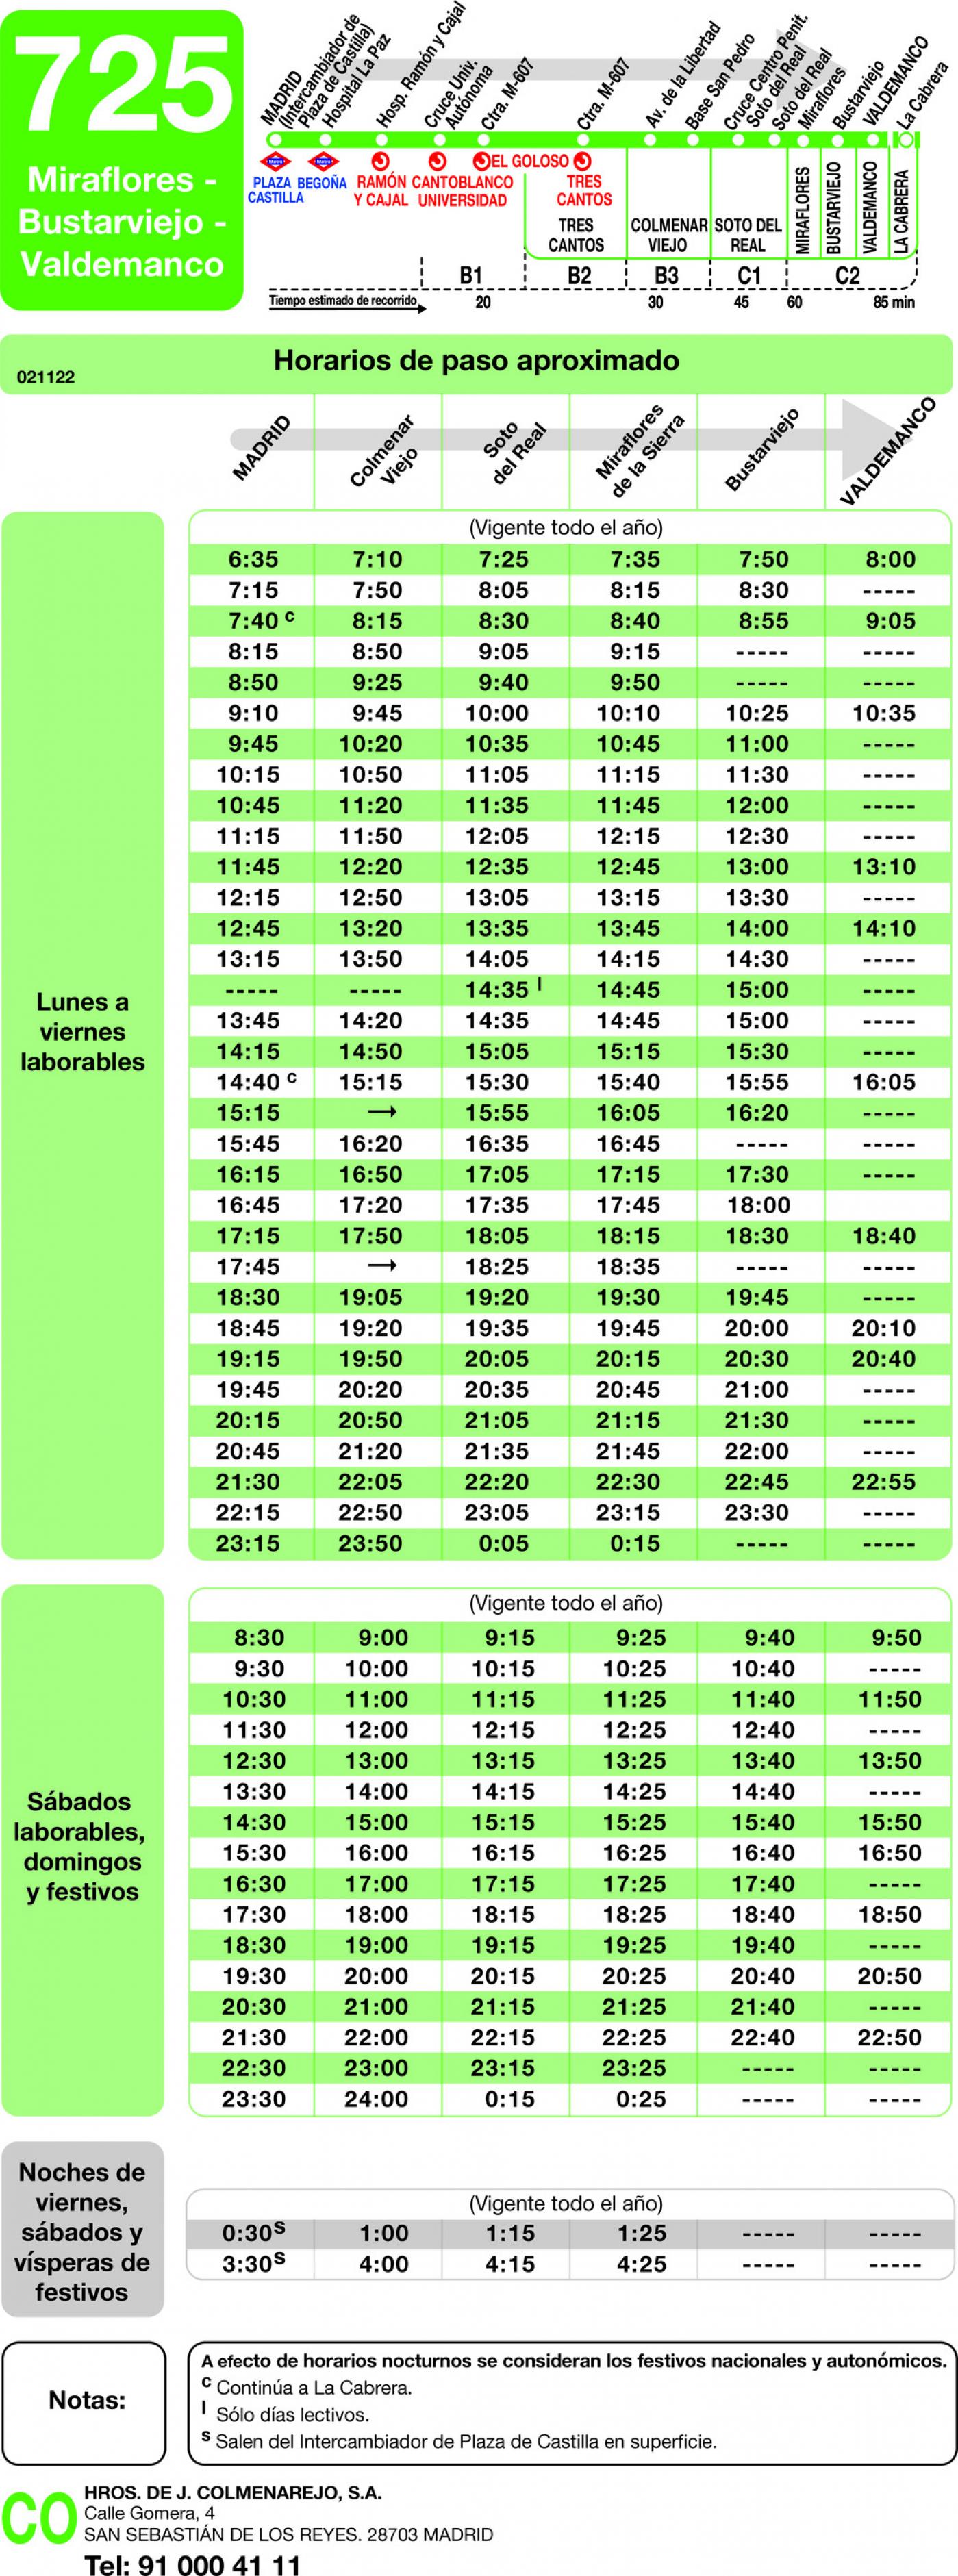 Tabla de horarios y frecuencias de paso en sentido ida Línea 725: Madrid (Plaza Castilla) - Miraflores - Bustarviejo - Valdemanco